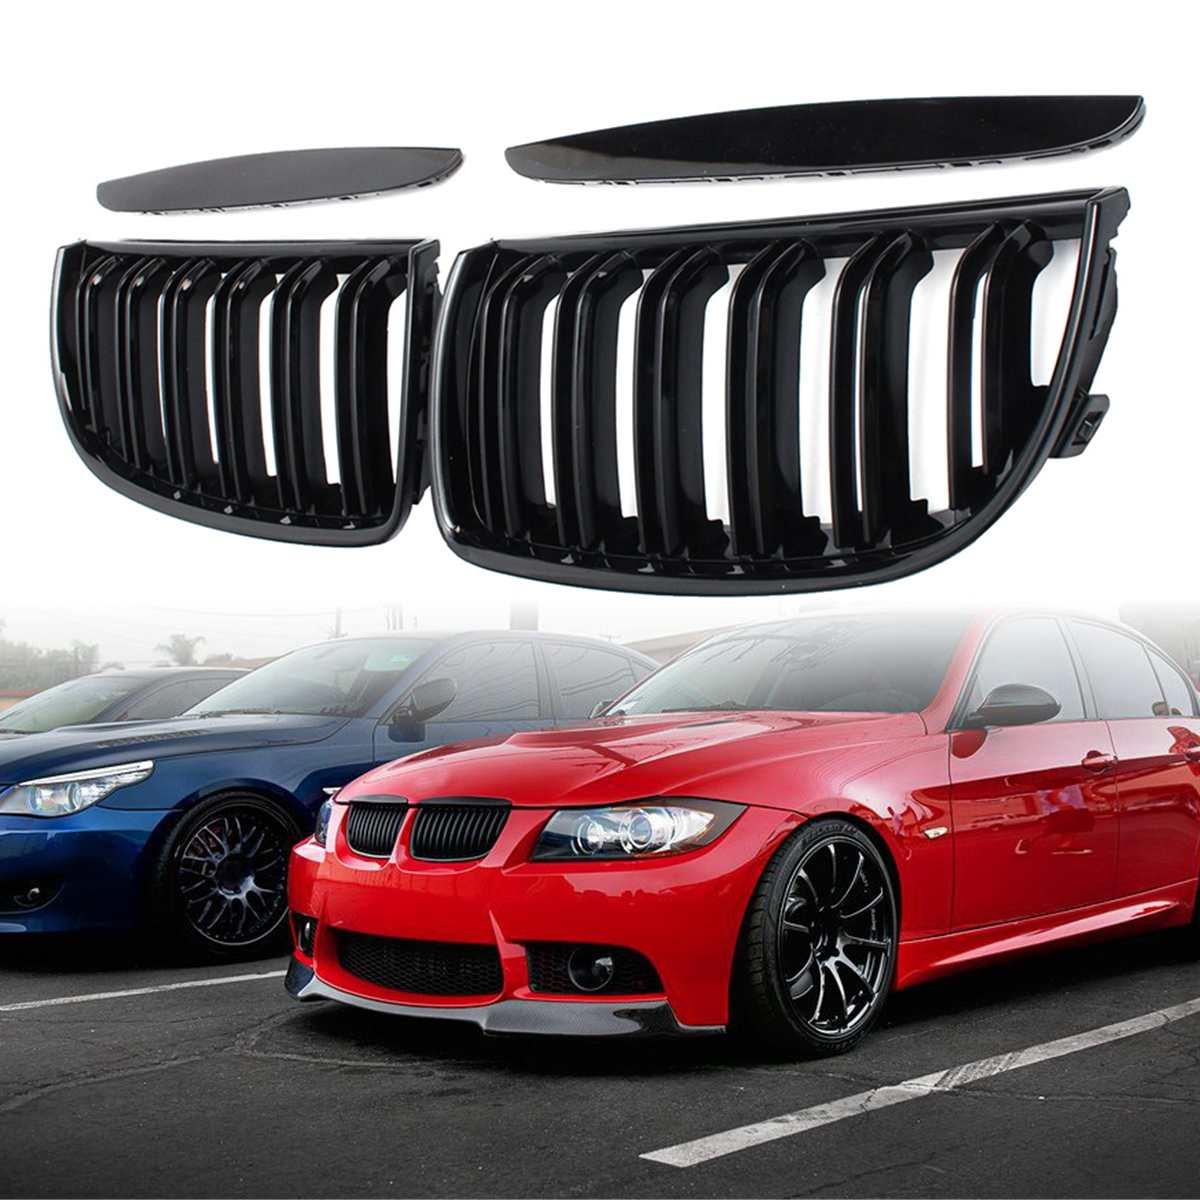 4 قطعة/مجموعة زوج سيارة مات لمعان أسود M نمط الجبهة الكلى مزدوجة شريحة مصبغة مجموعة لسيارات BMW E90 E91 2005 2006 2007 2008 سباق الشوايات